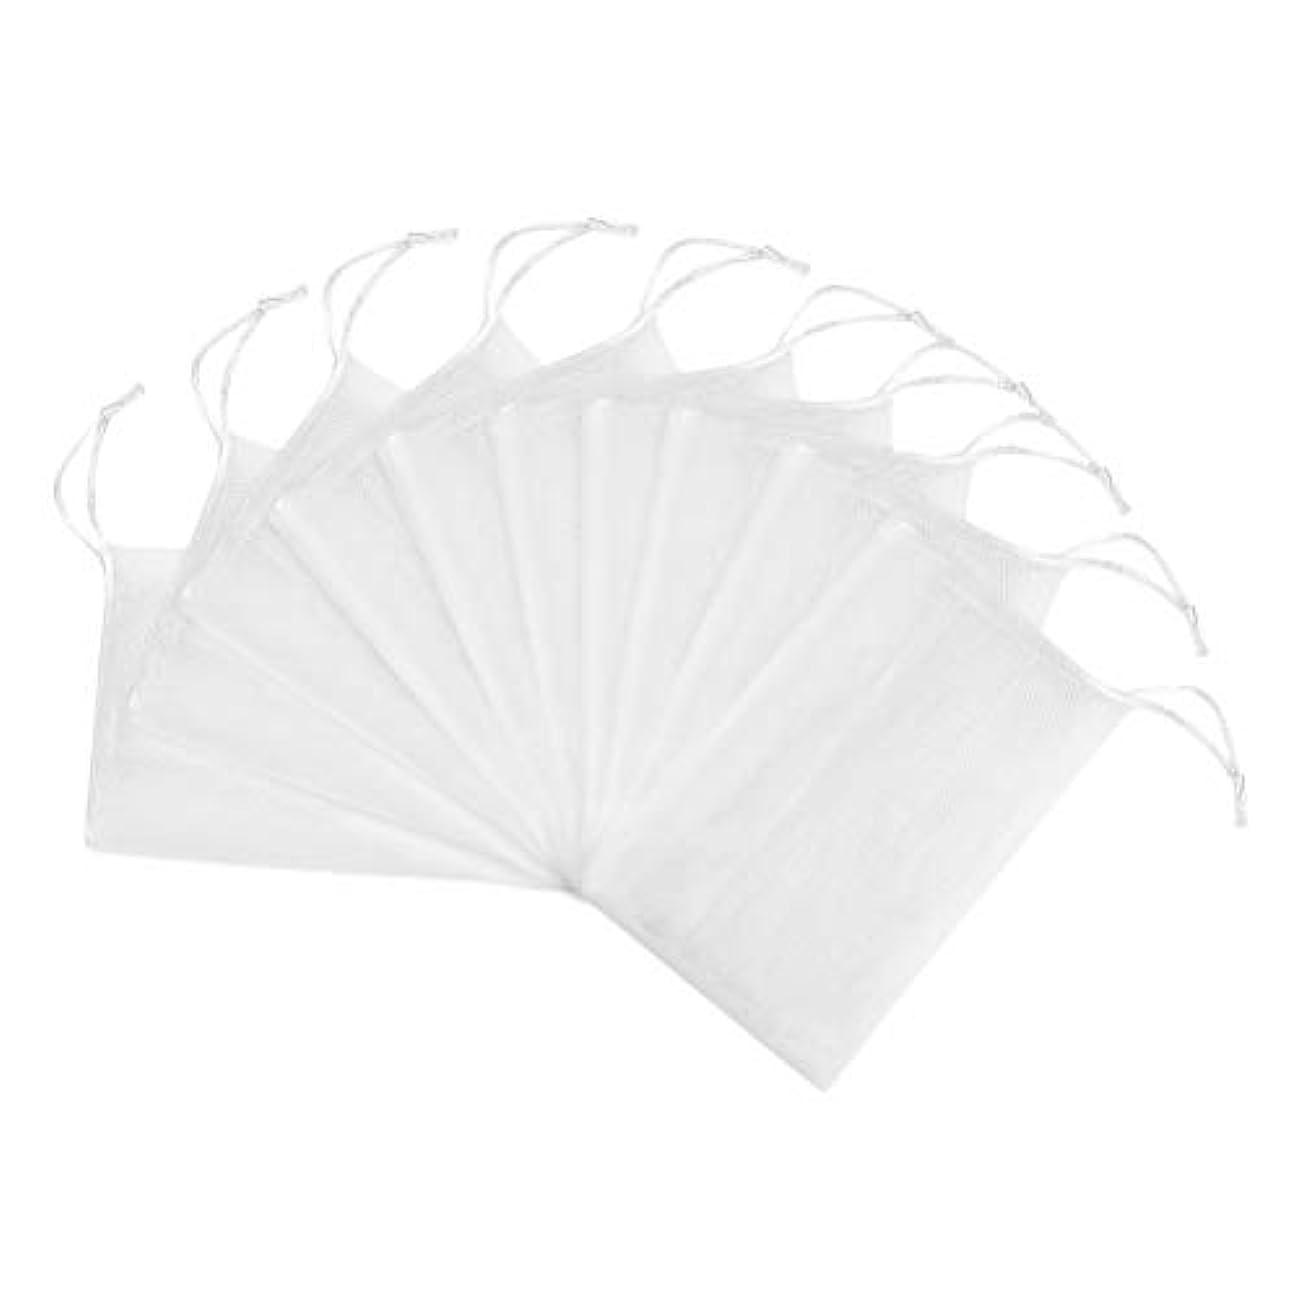 Healifty ソープネットソープ角質除去バッグフェイシャルボディクレンジング洗濯ソープポーチ20pcs(ホワイト)